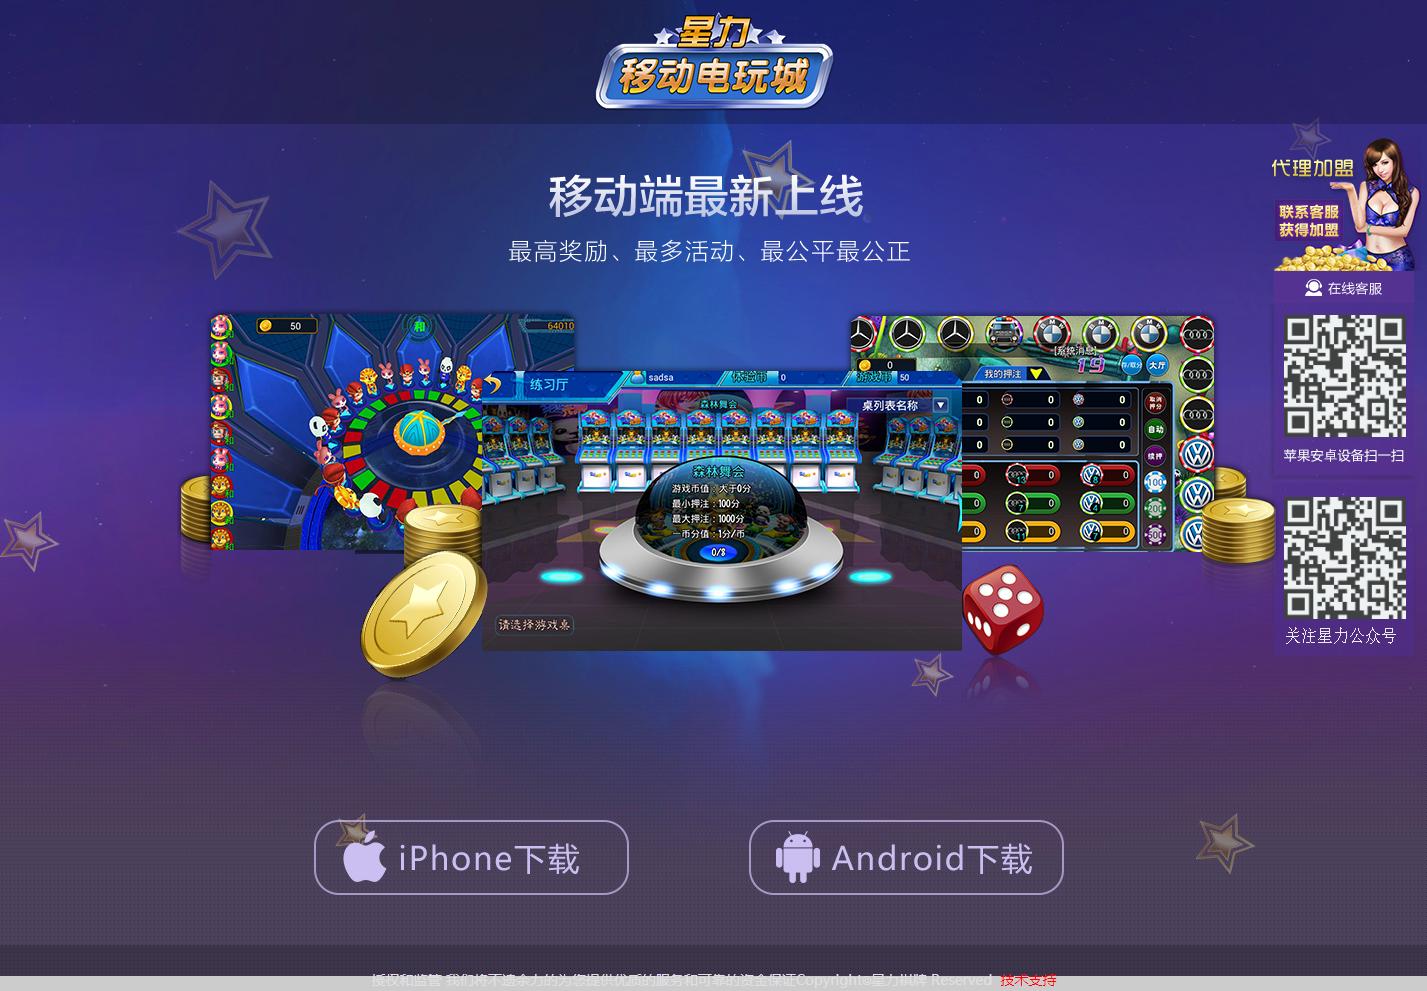 星力移动电玩城网站 移动电玩城网站 星力 棋牌网站 第1张